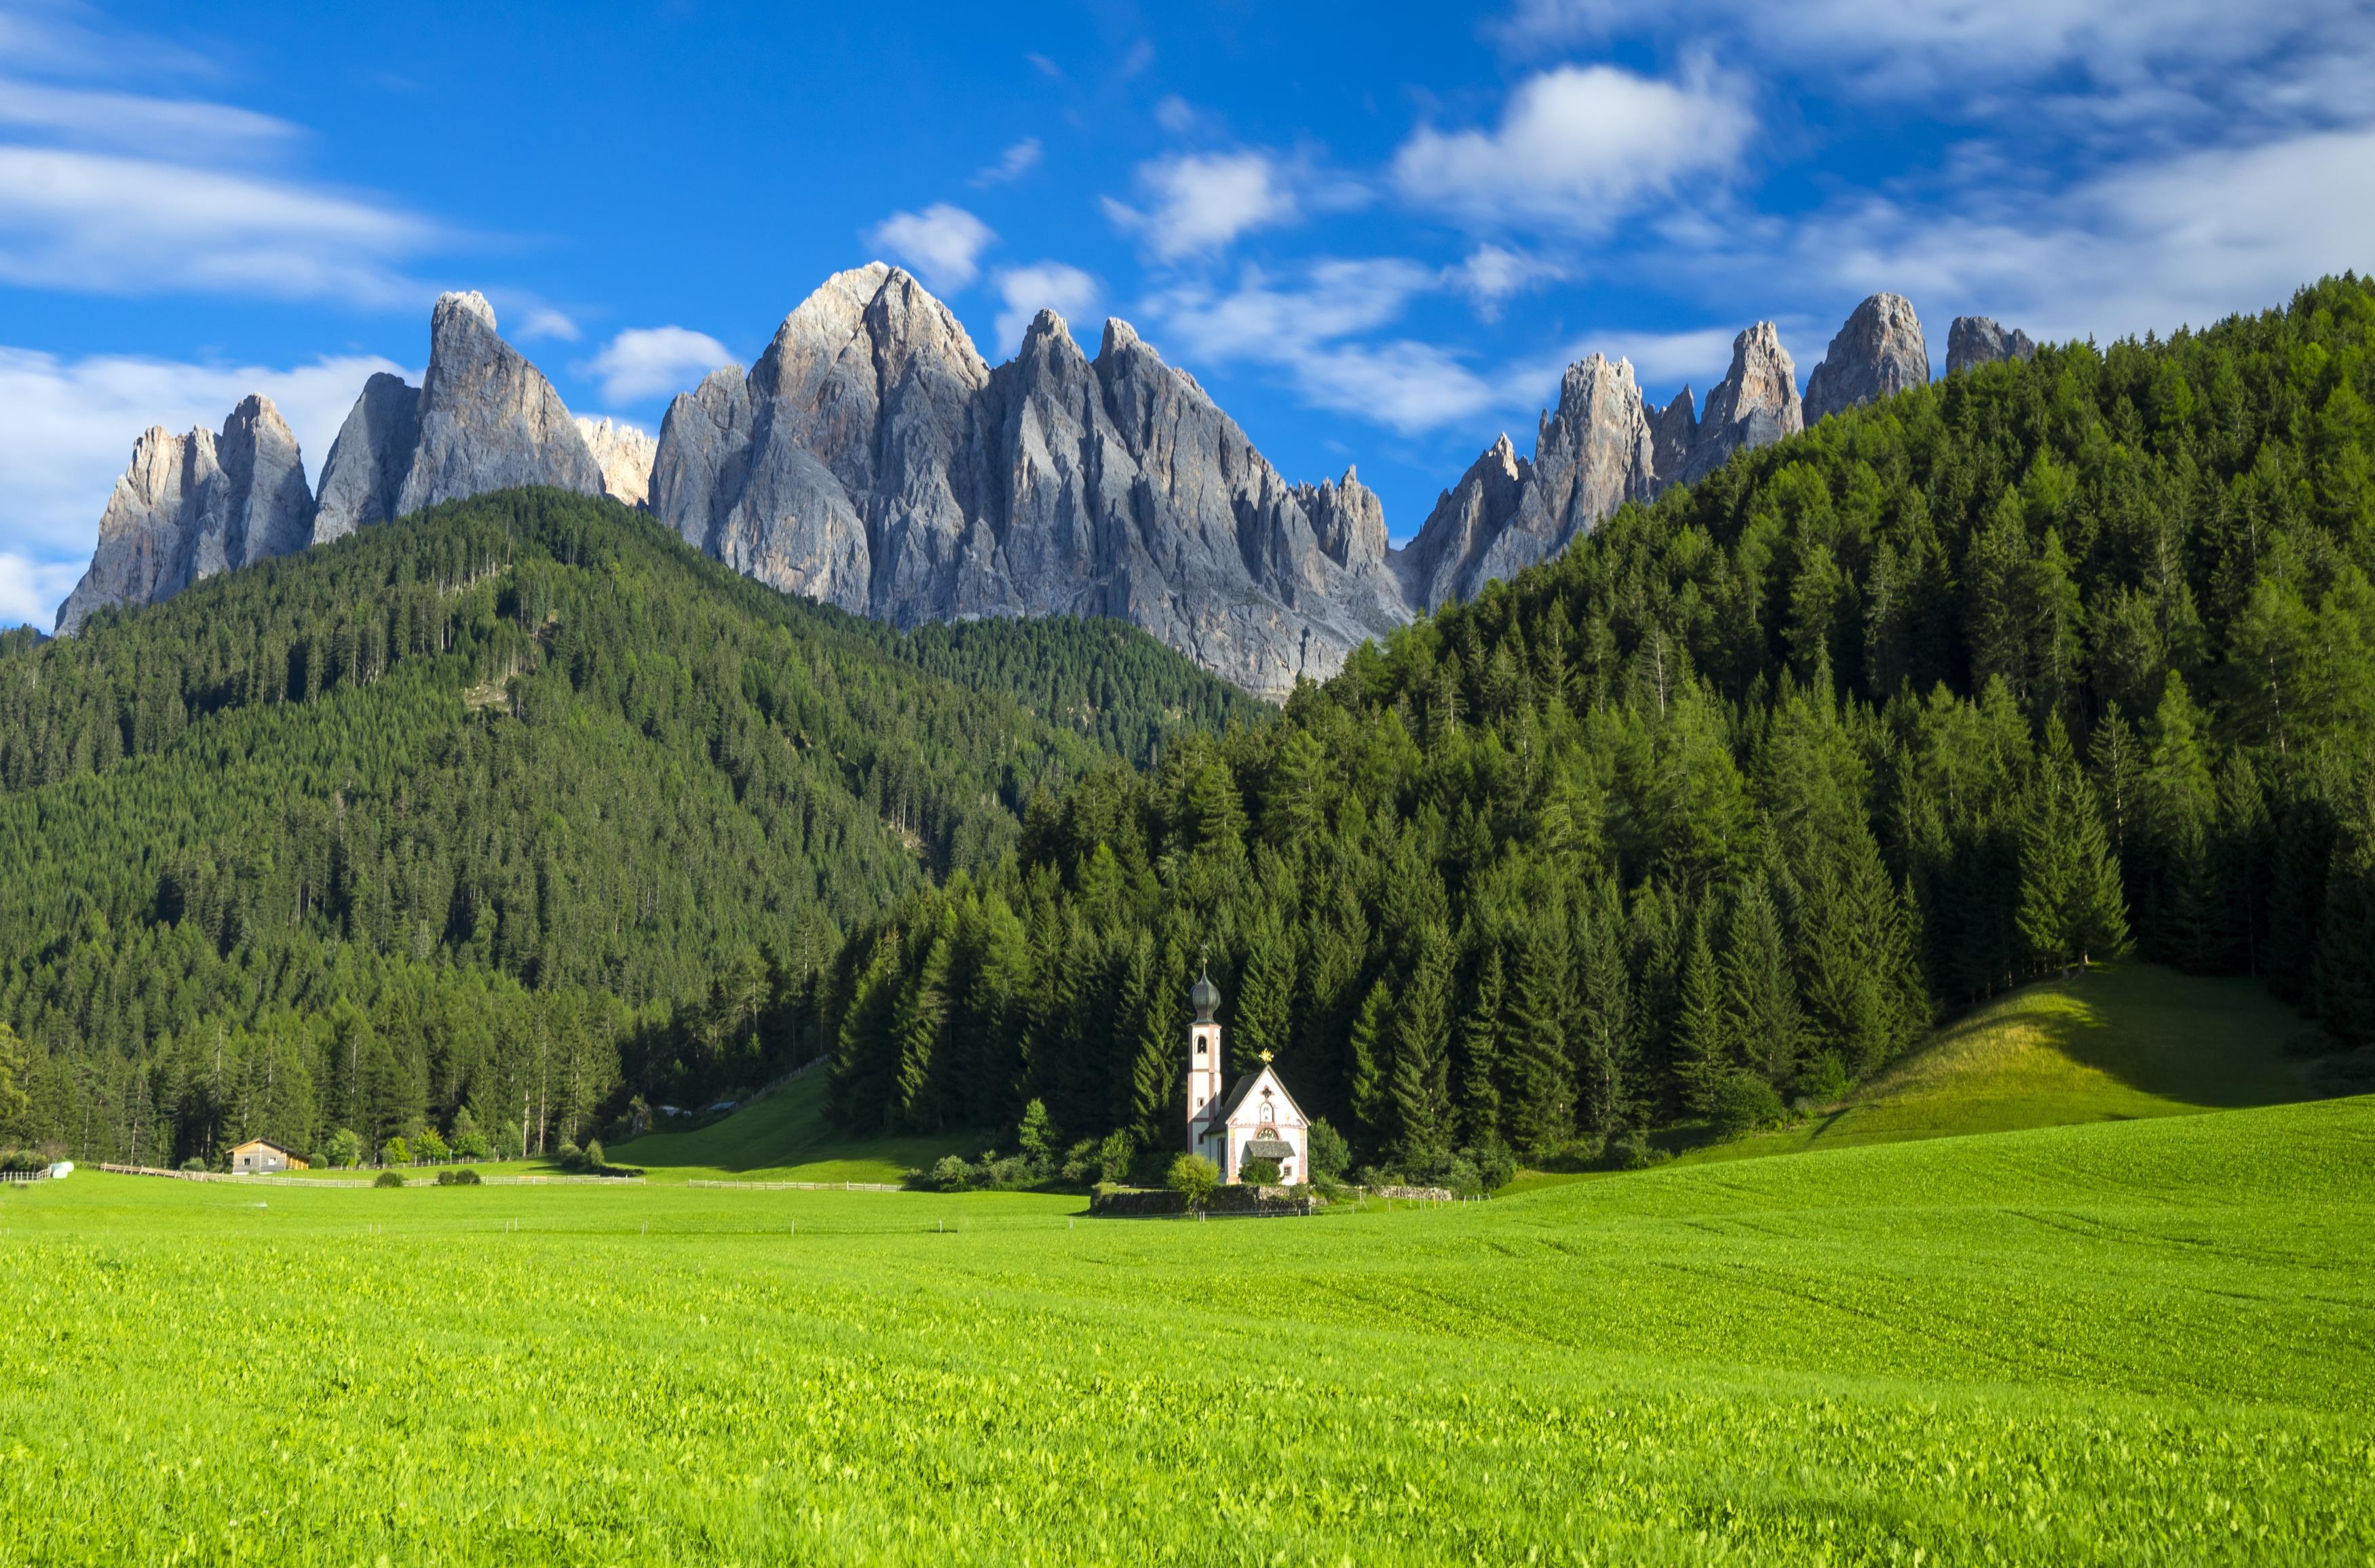 Chiesetta di San Giovanni in Ranui, Dolomites